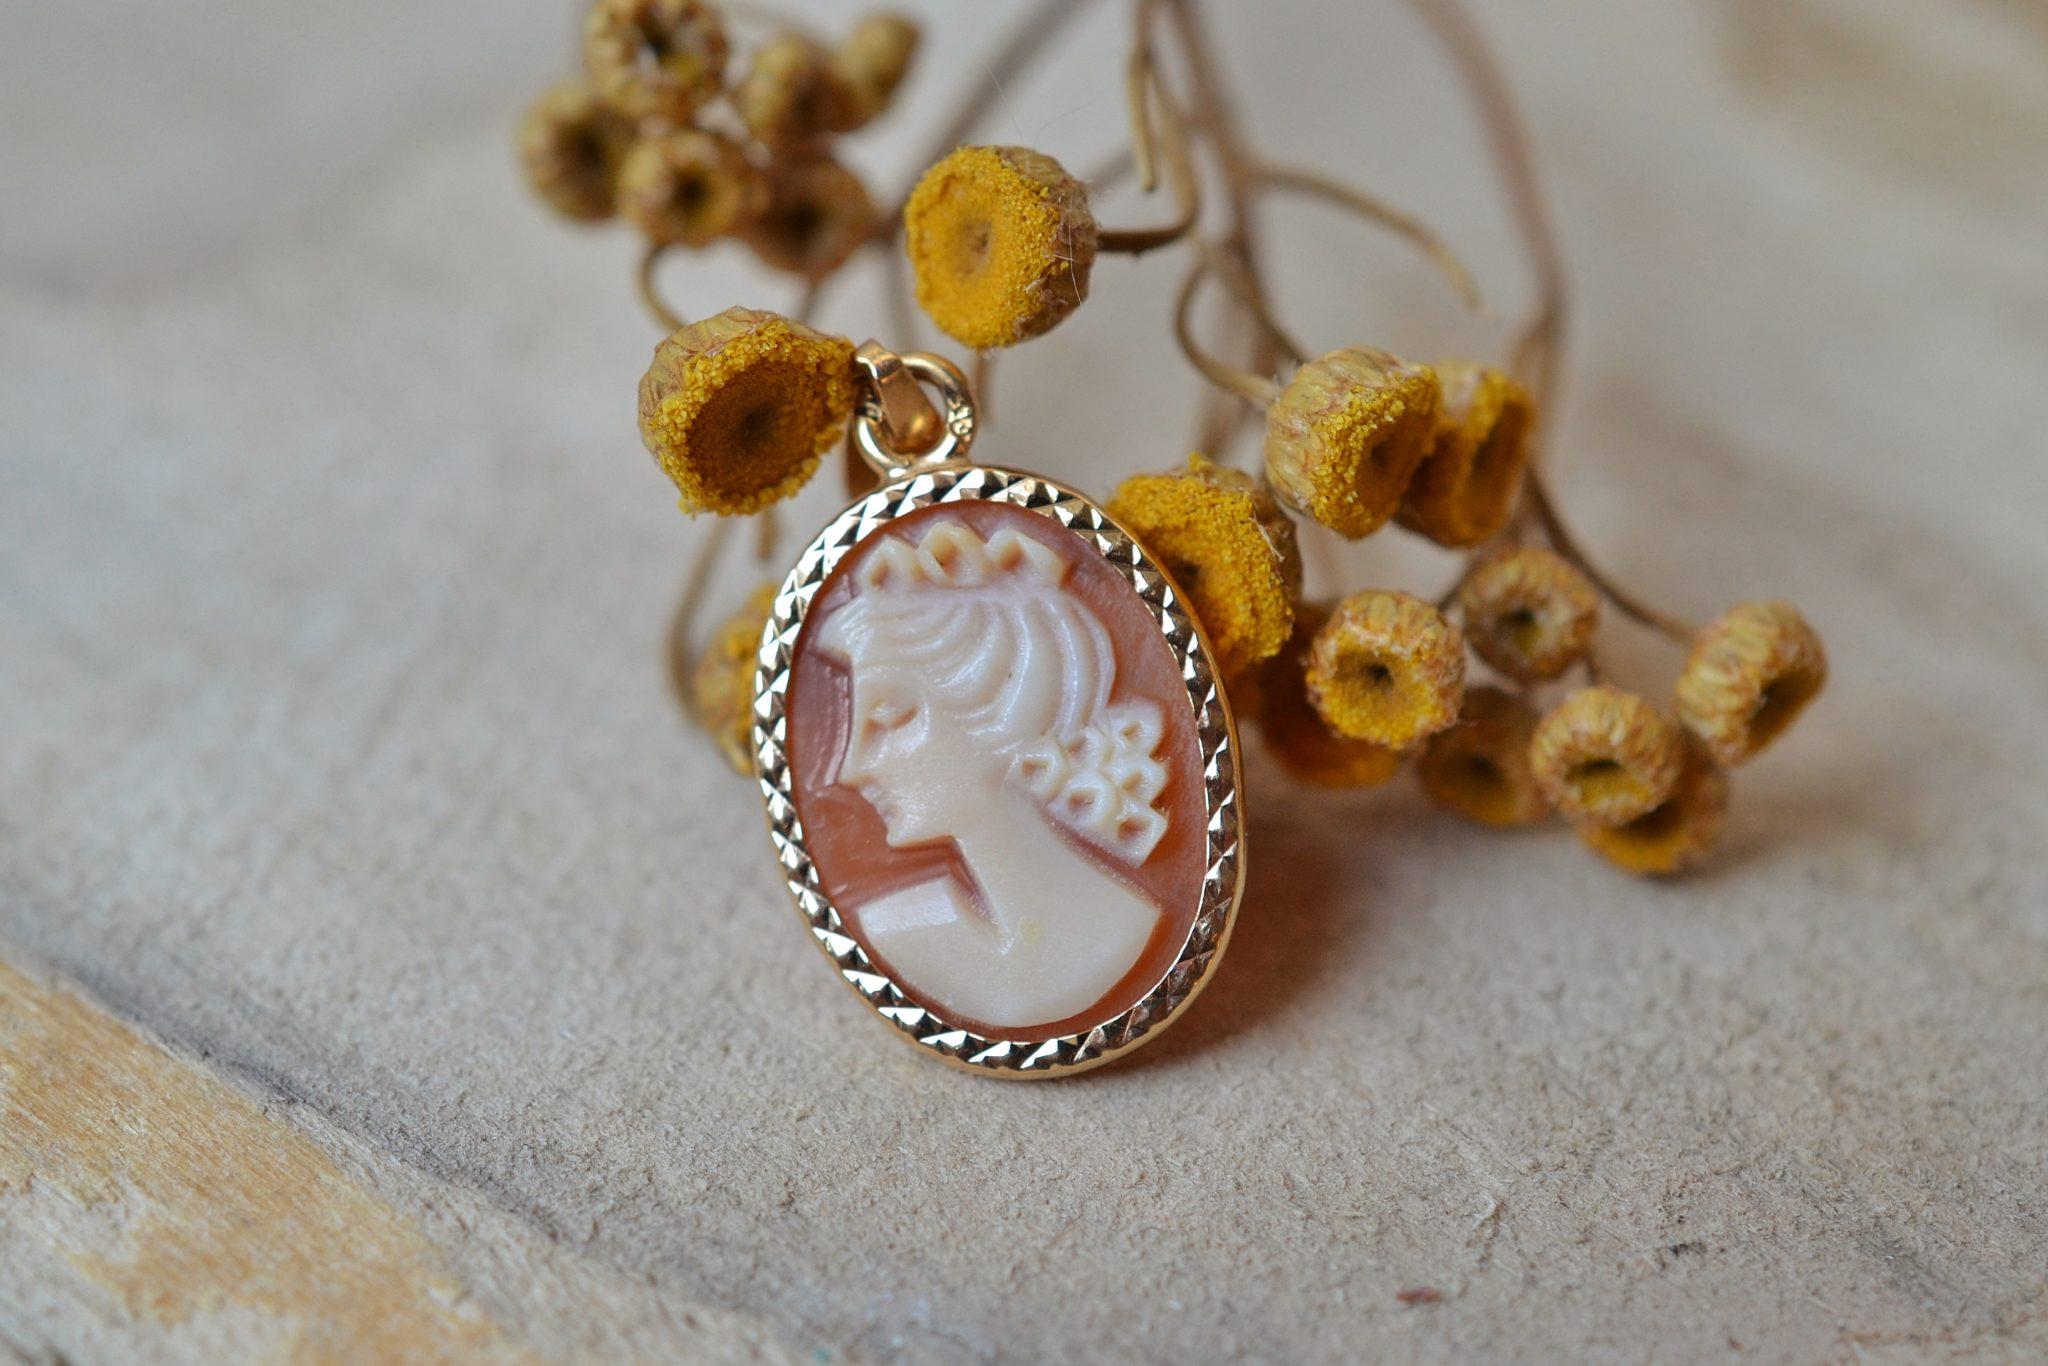 Pendentif en Or jaune serti d_un camée au profil de femme sur une monture facettée - pendentif rétro